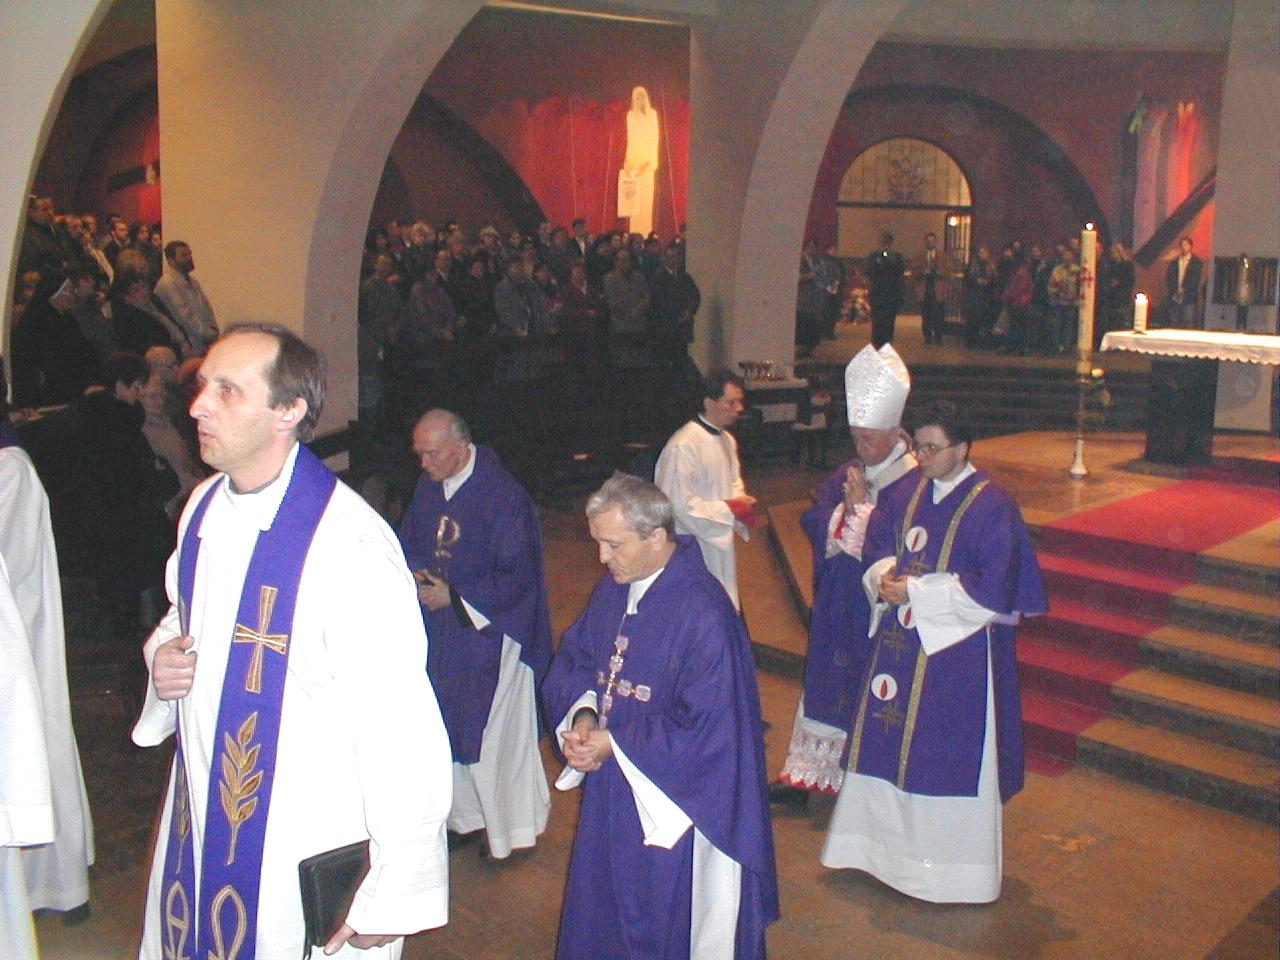 30 marca 2000 r., Eucharystia pod przewodnictwem Ks. Abpa Damiana Zimonia z licznym udziałem kapłanów i członków Ruchu Światło-Życie w Katowicach